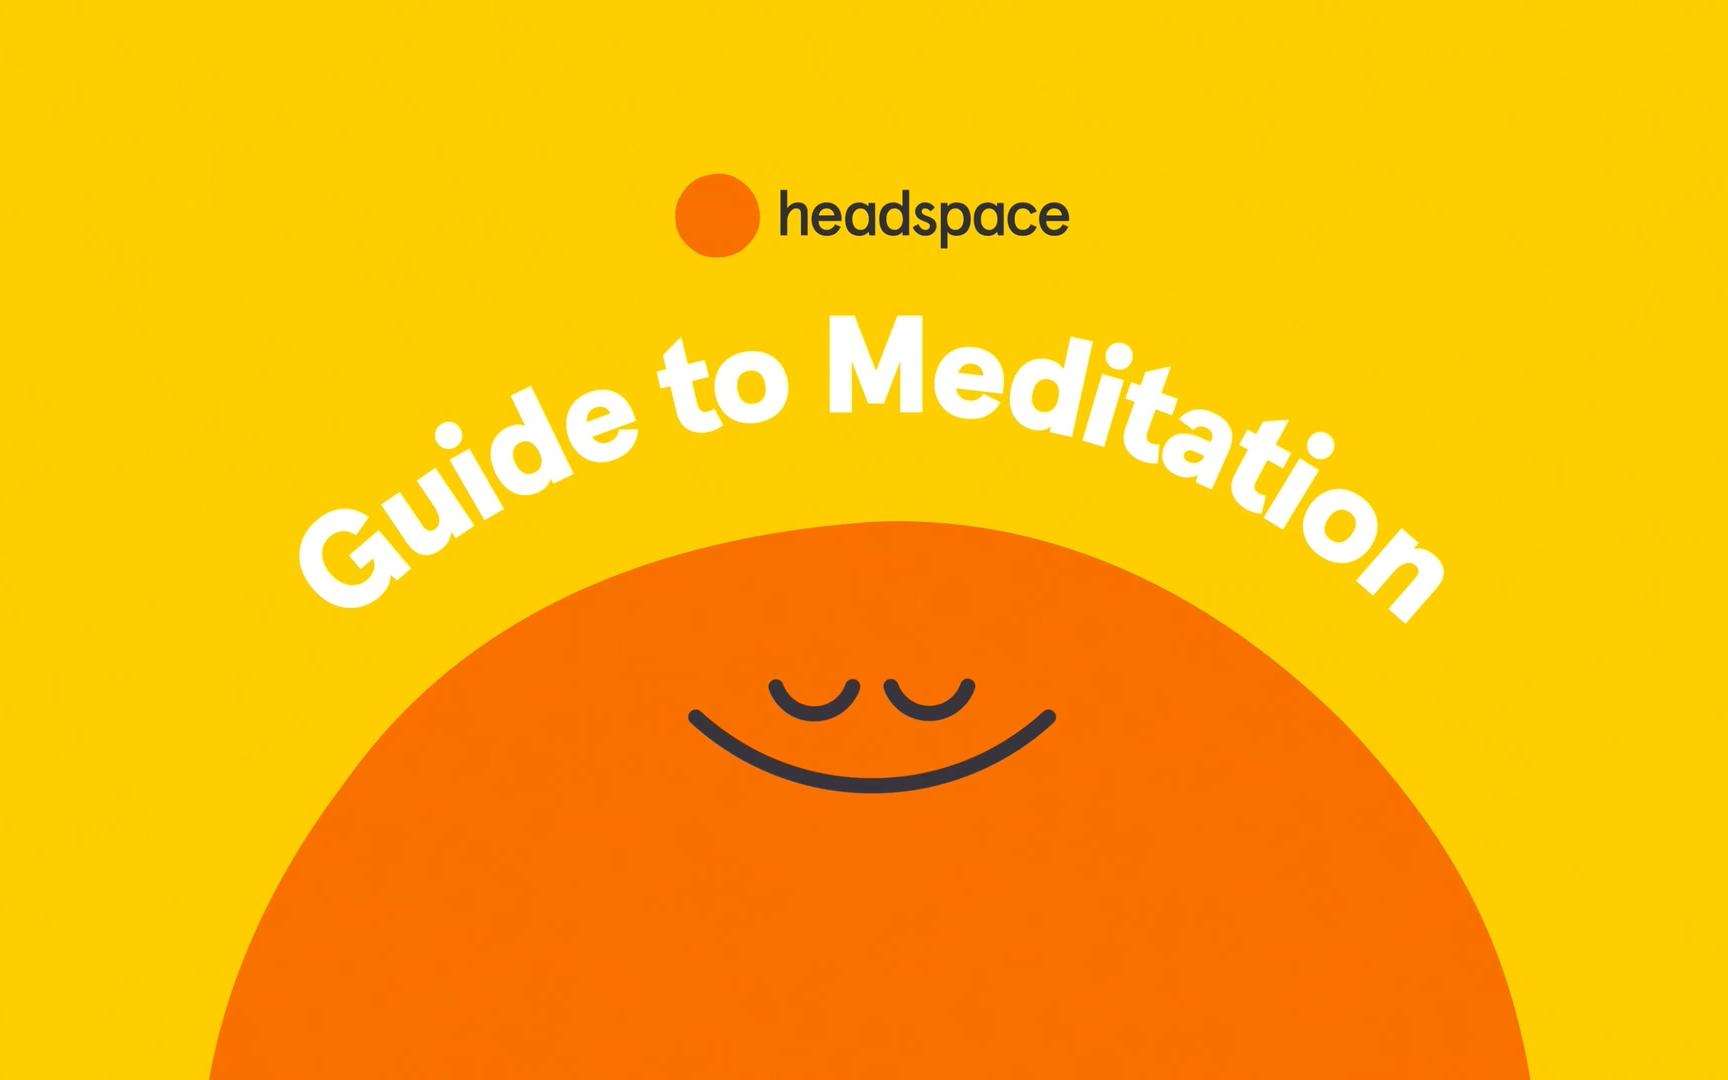 冥想正念附錄 Appendix to Meditation 中文語音(二):如何放下